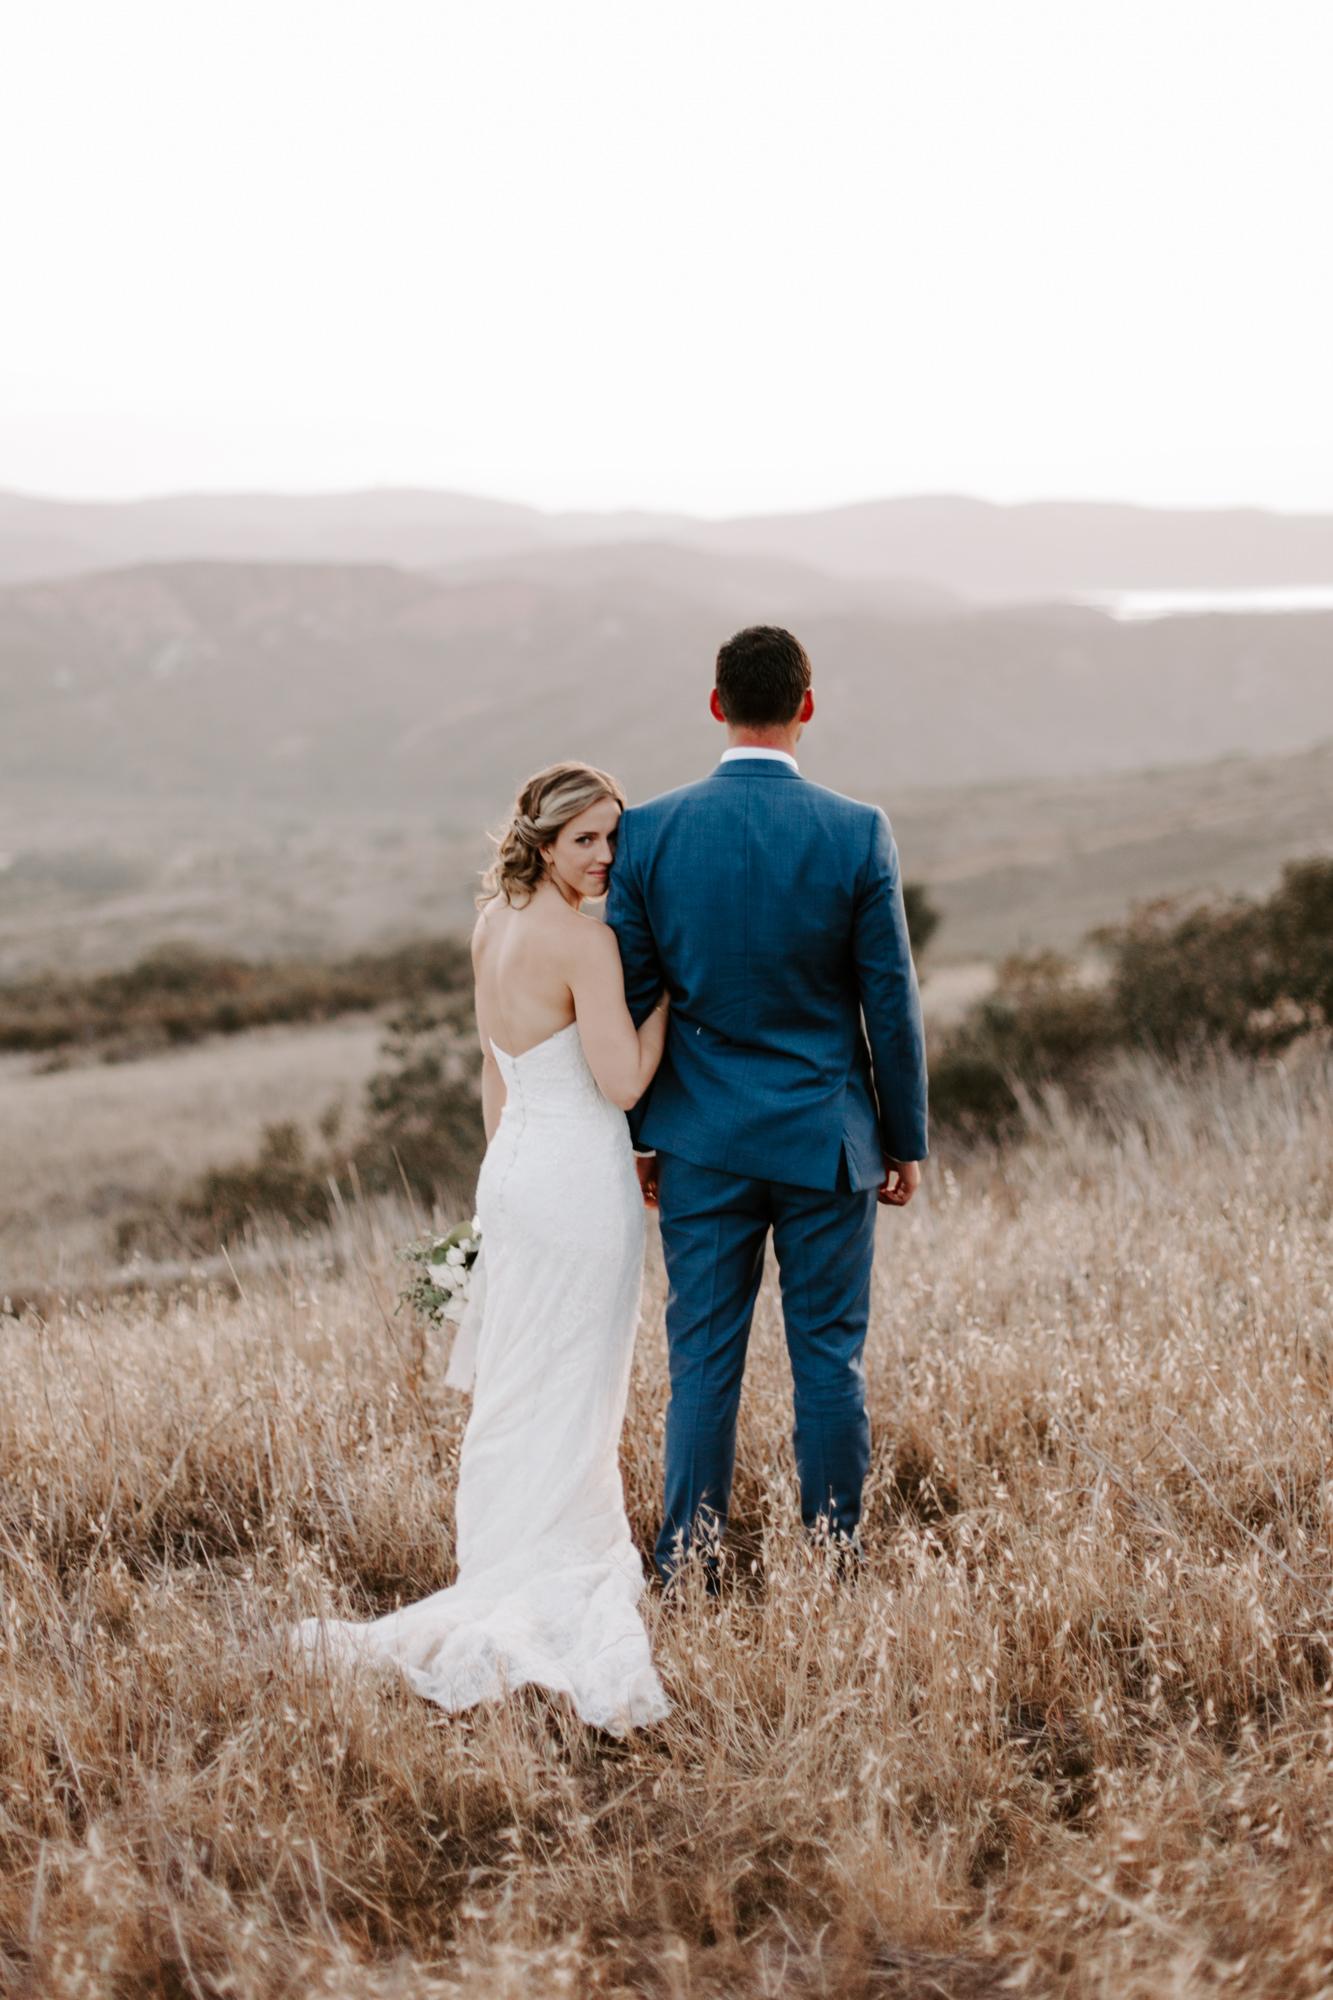 San Diego Wedding photography in Silverado Backyard Wedding066.jpg